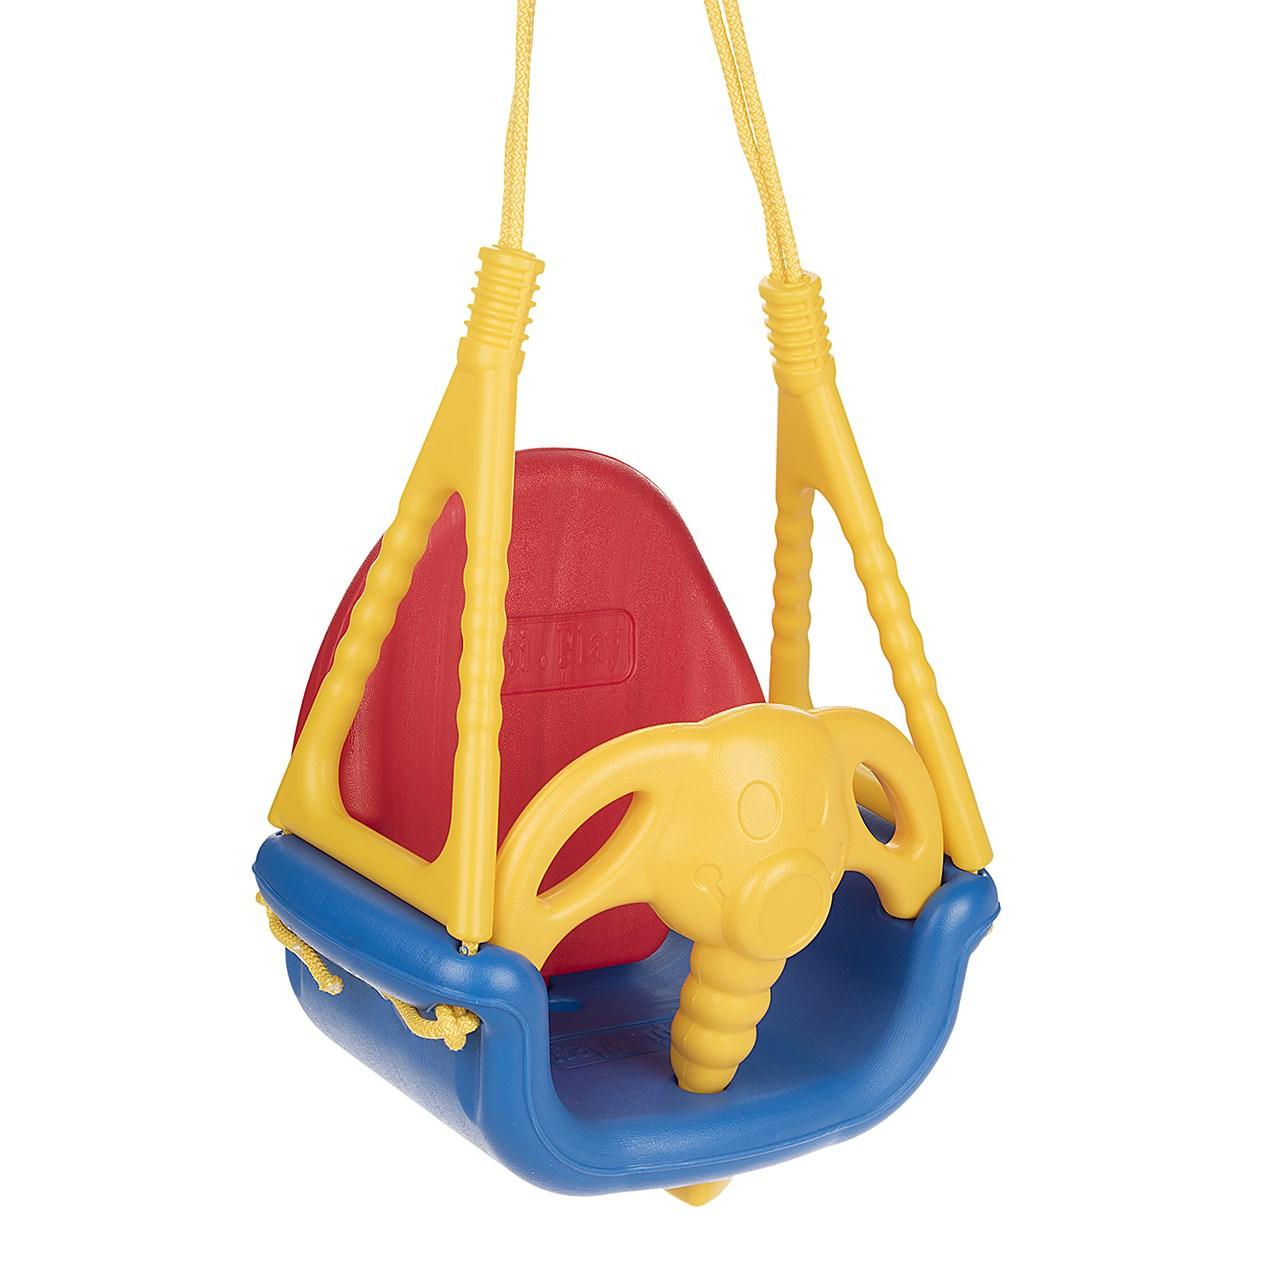 تاب بازی ان پی آی مدل Jumbo Swing Musical